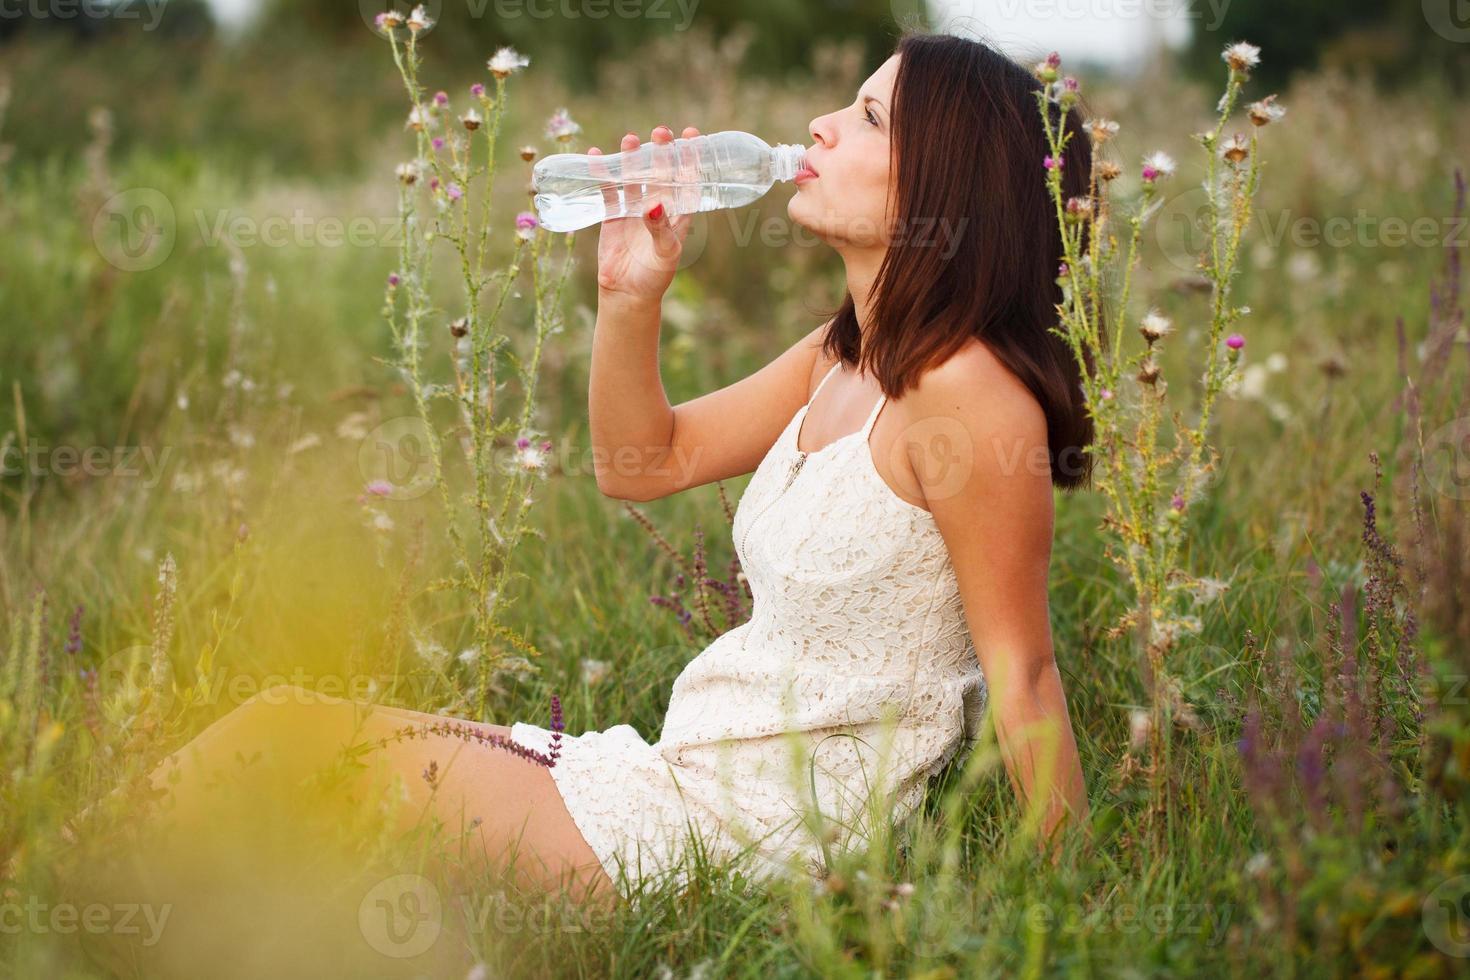 jeune femme, eau potable photo